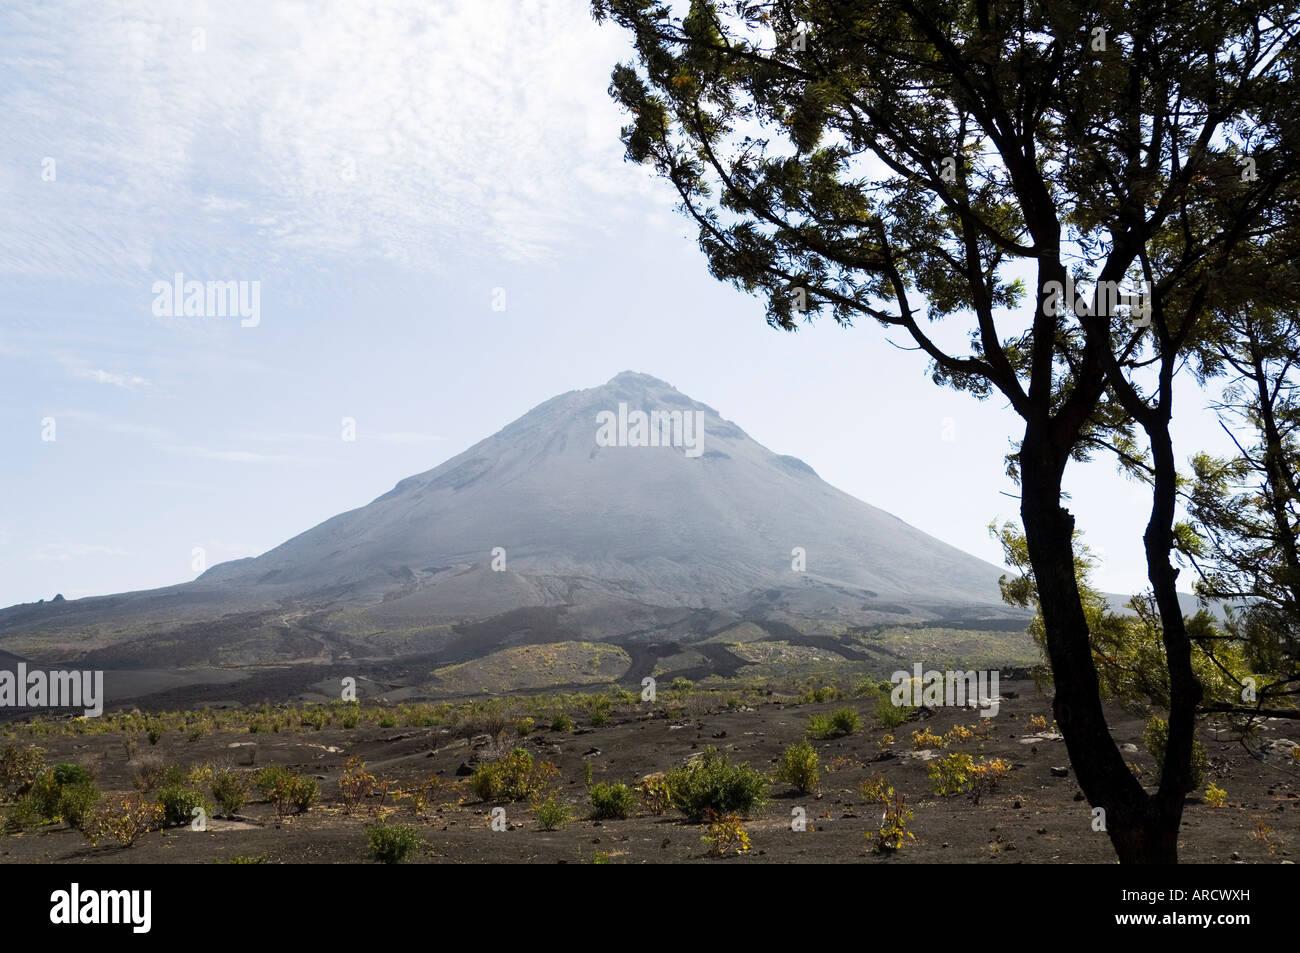 Vista de la caldera del volcán de Pico de Fogo, Fogo (fuego), Islas de Cabo Verde, África Imagen De Stock